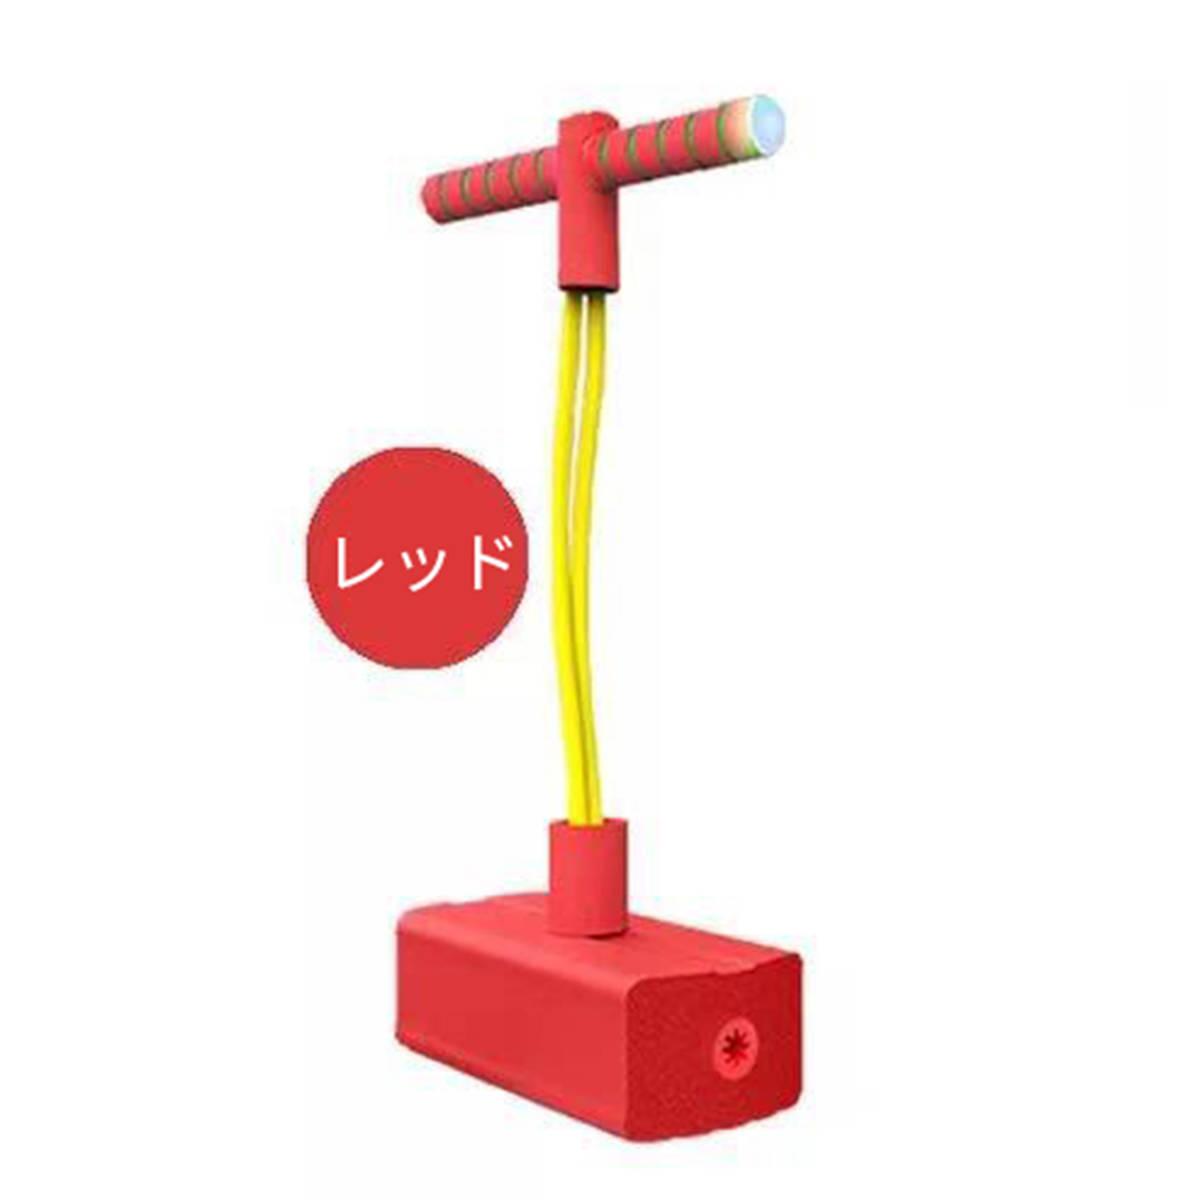 ジャンパー ジャンピング玩具 バランスホッピング 3歳4歳大人室内室外  レッド